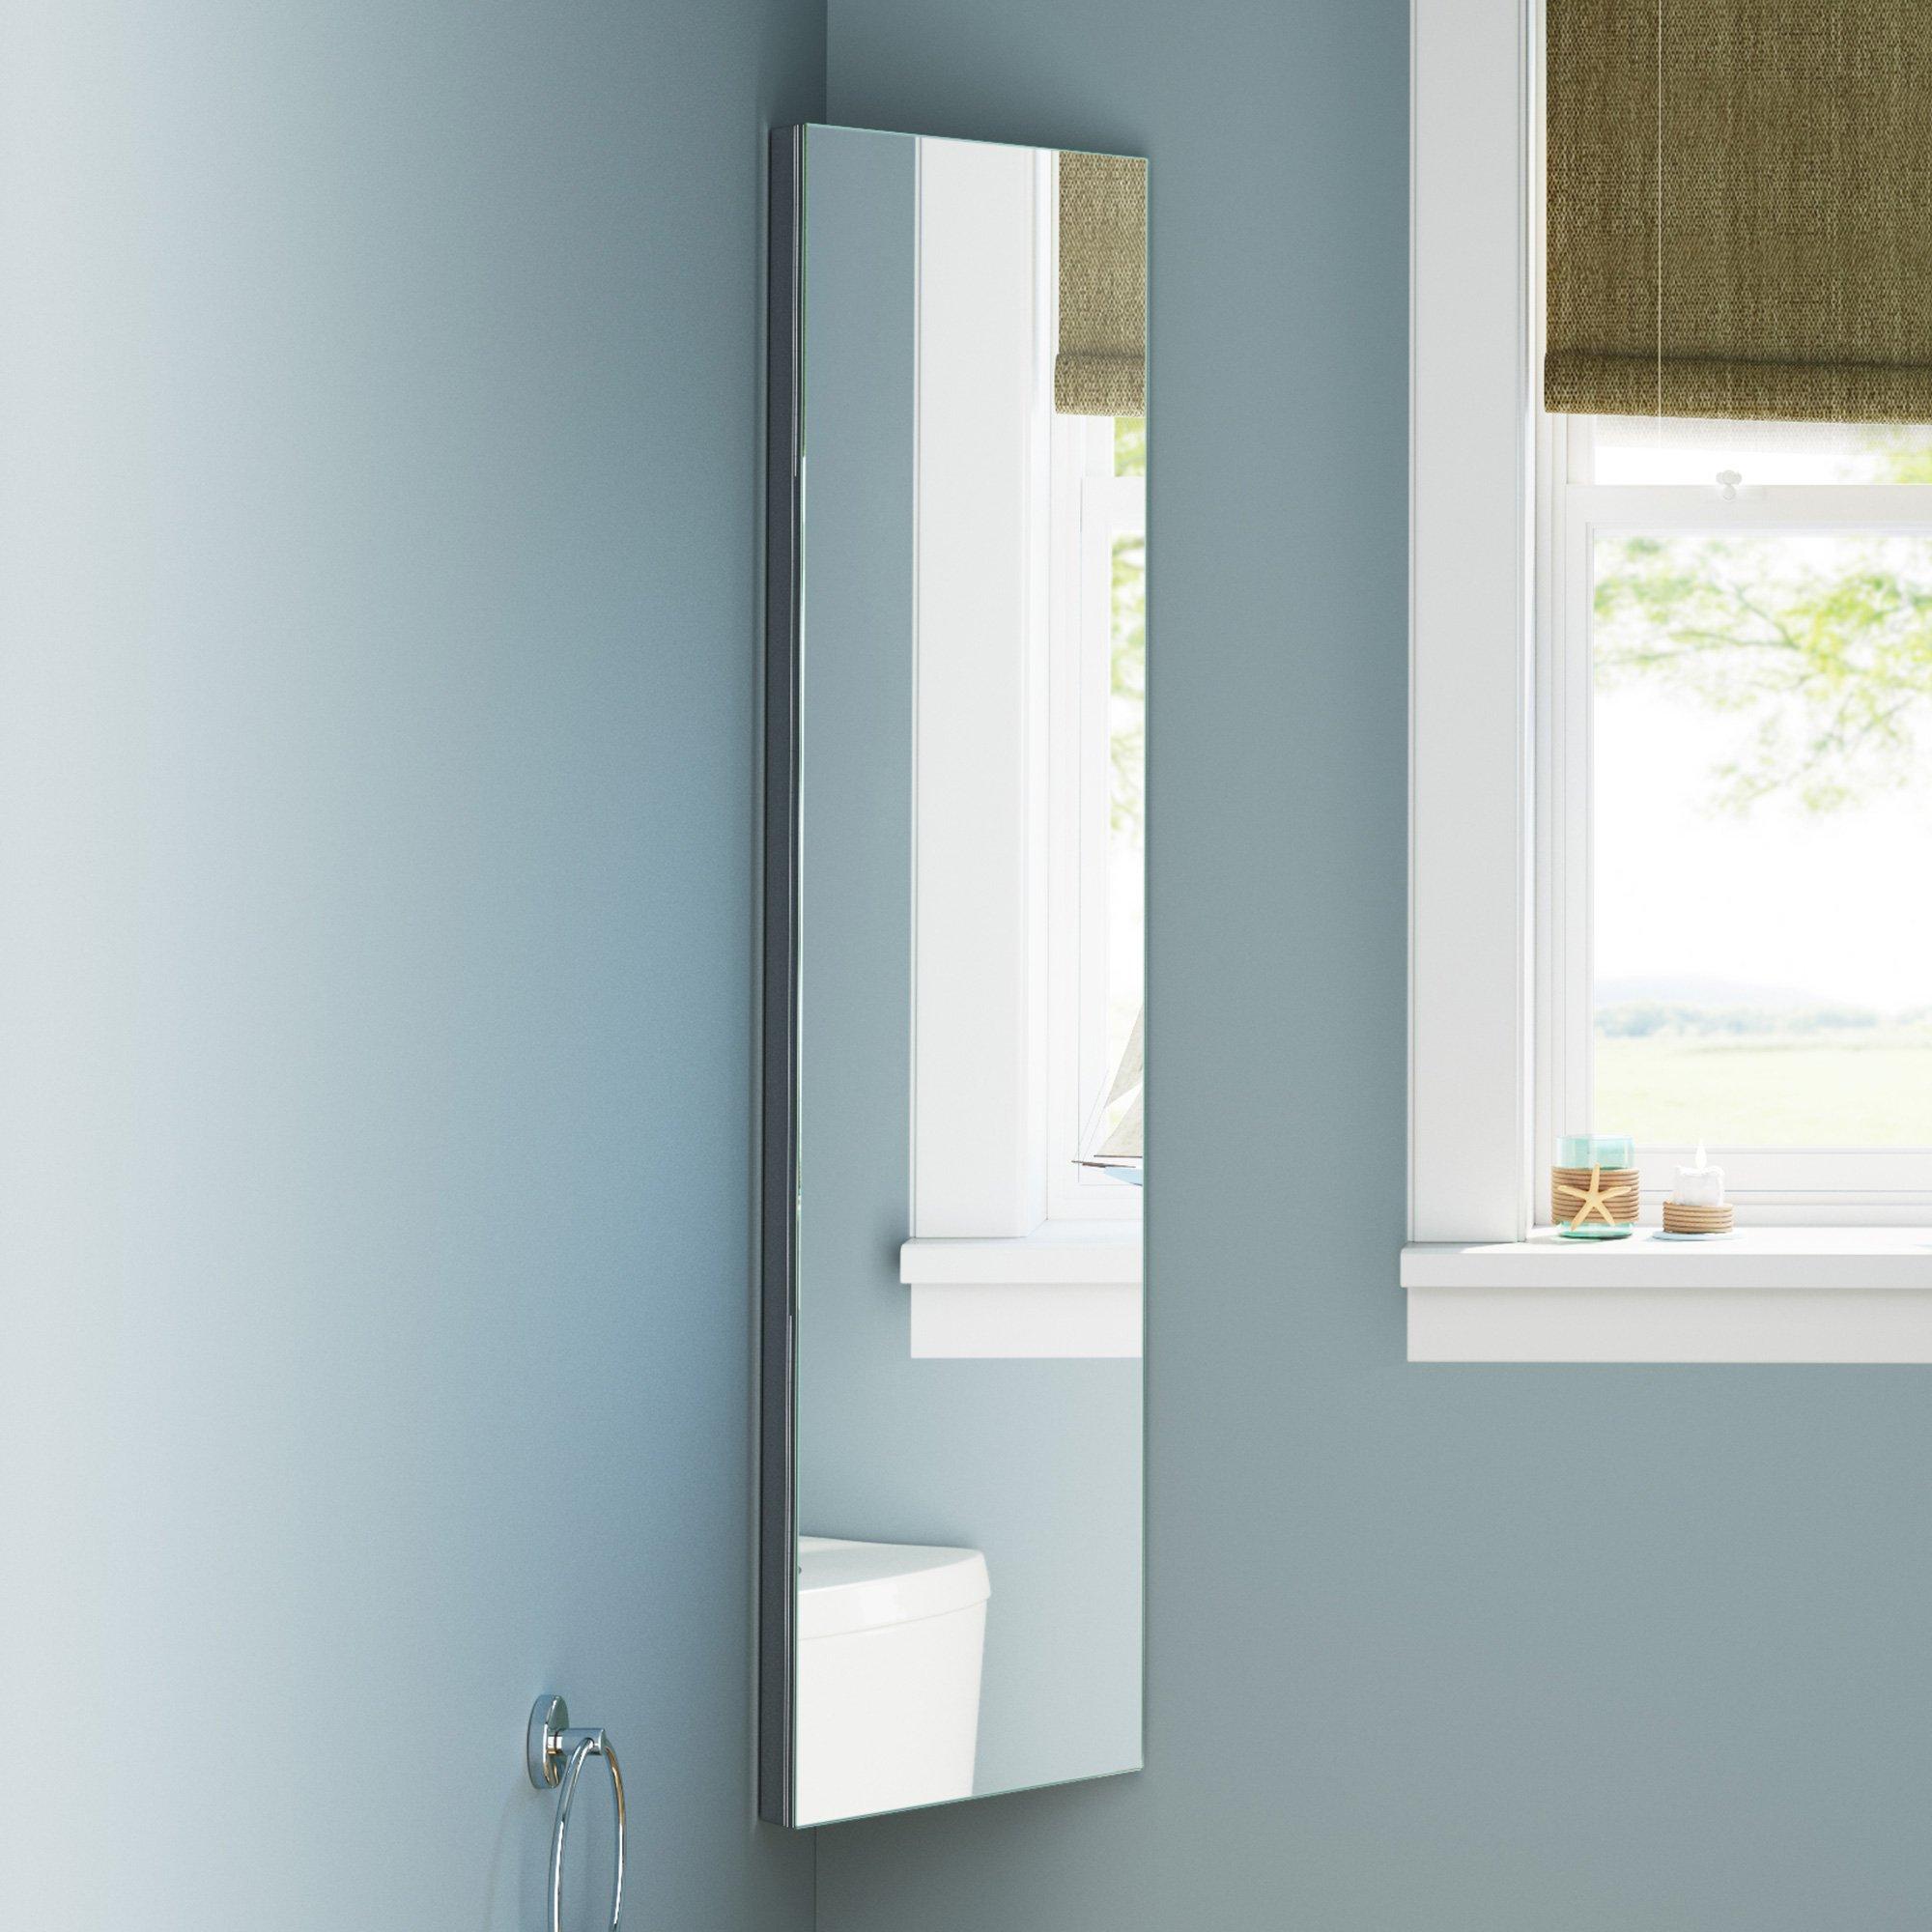 bathroom corner cabinet amazon co uk rh amazon co uk corner bathroom medicine cabinet mirrors corner bathroom cabinet without mirror